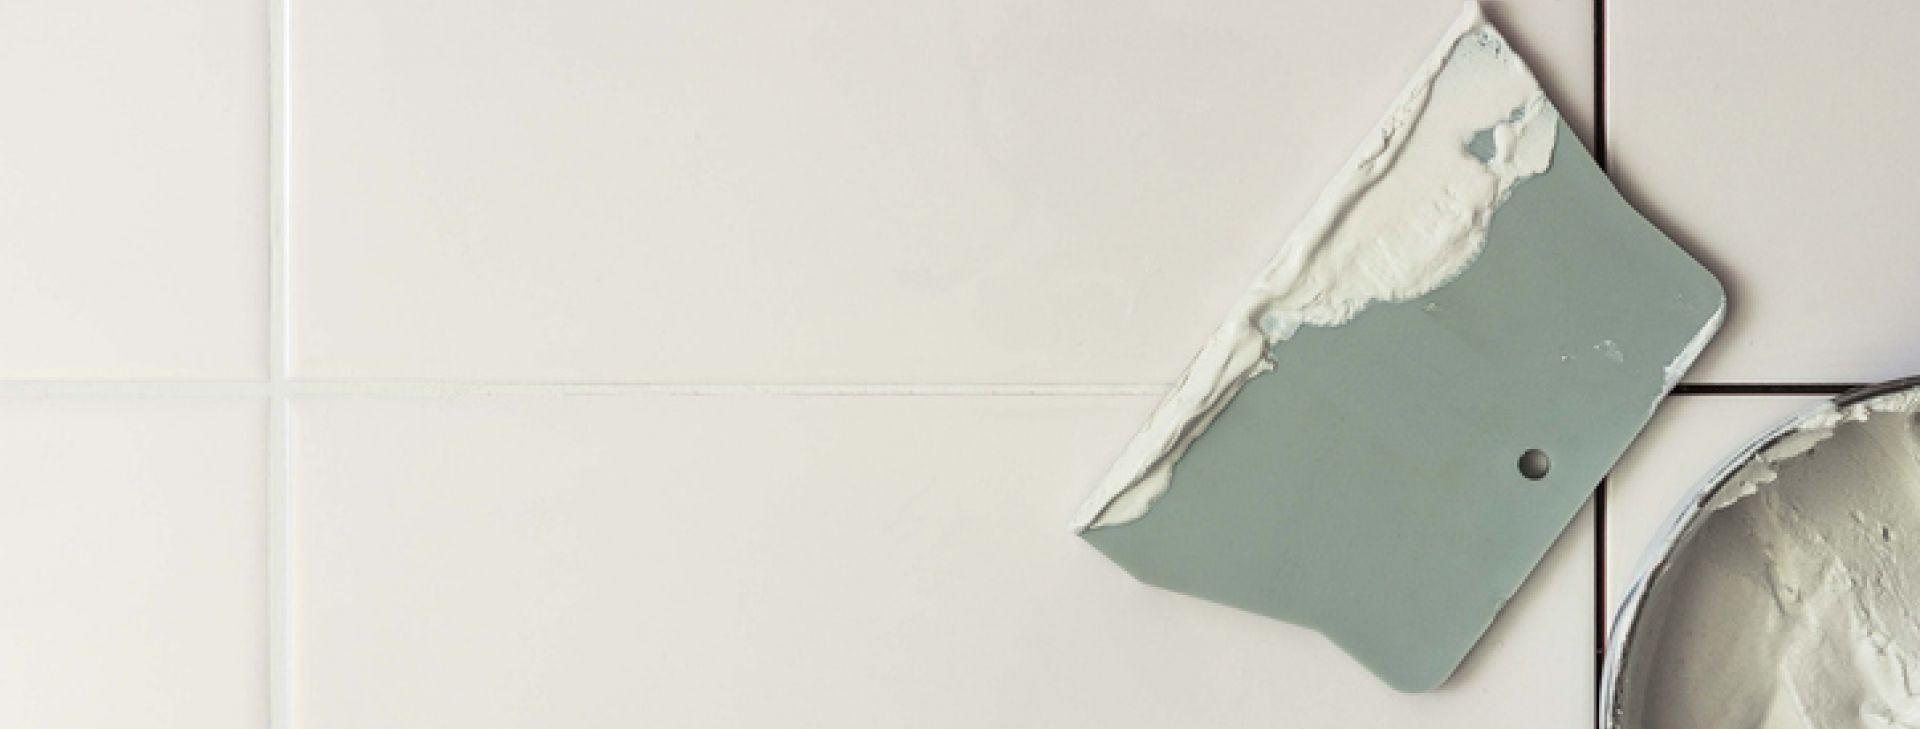 cor-rejunte-renovar-limpar-parede-revestimento-banheiro-branco